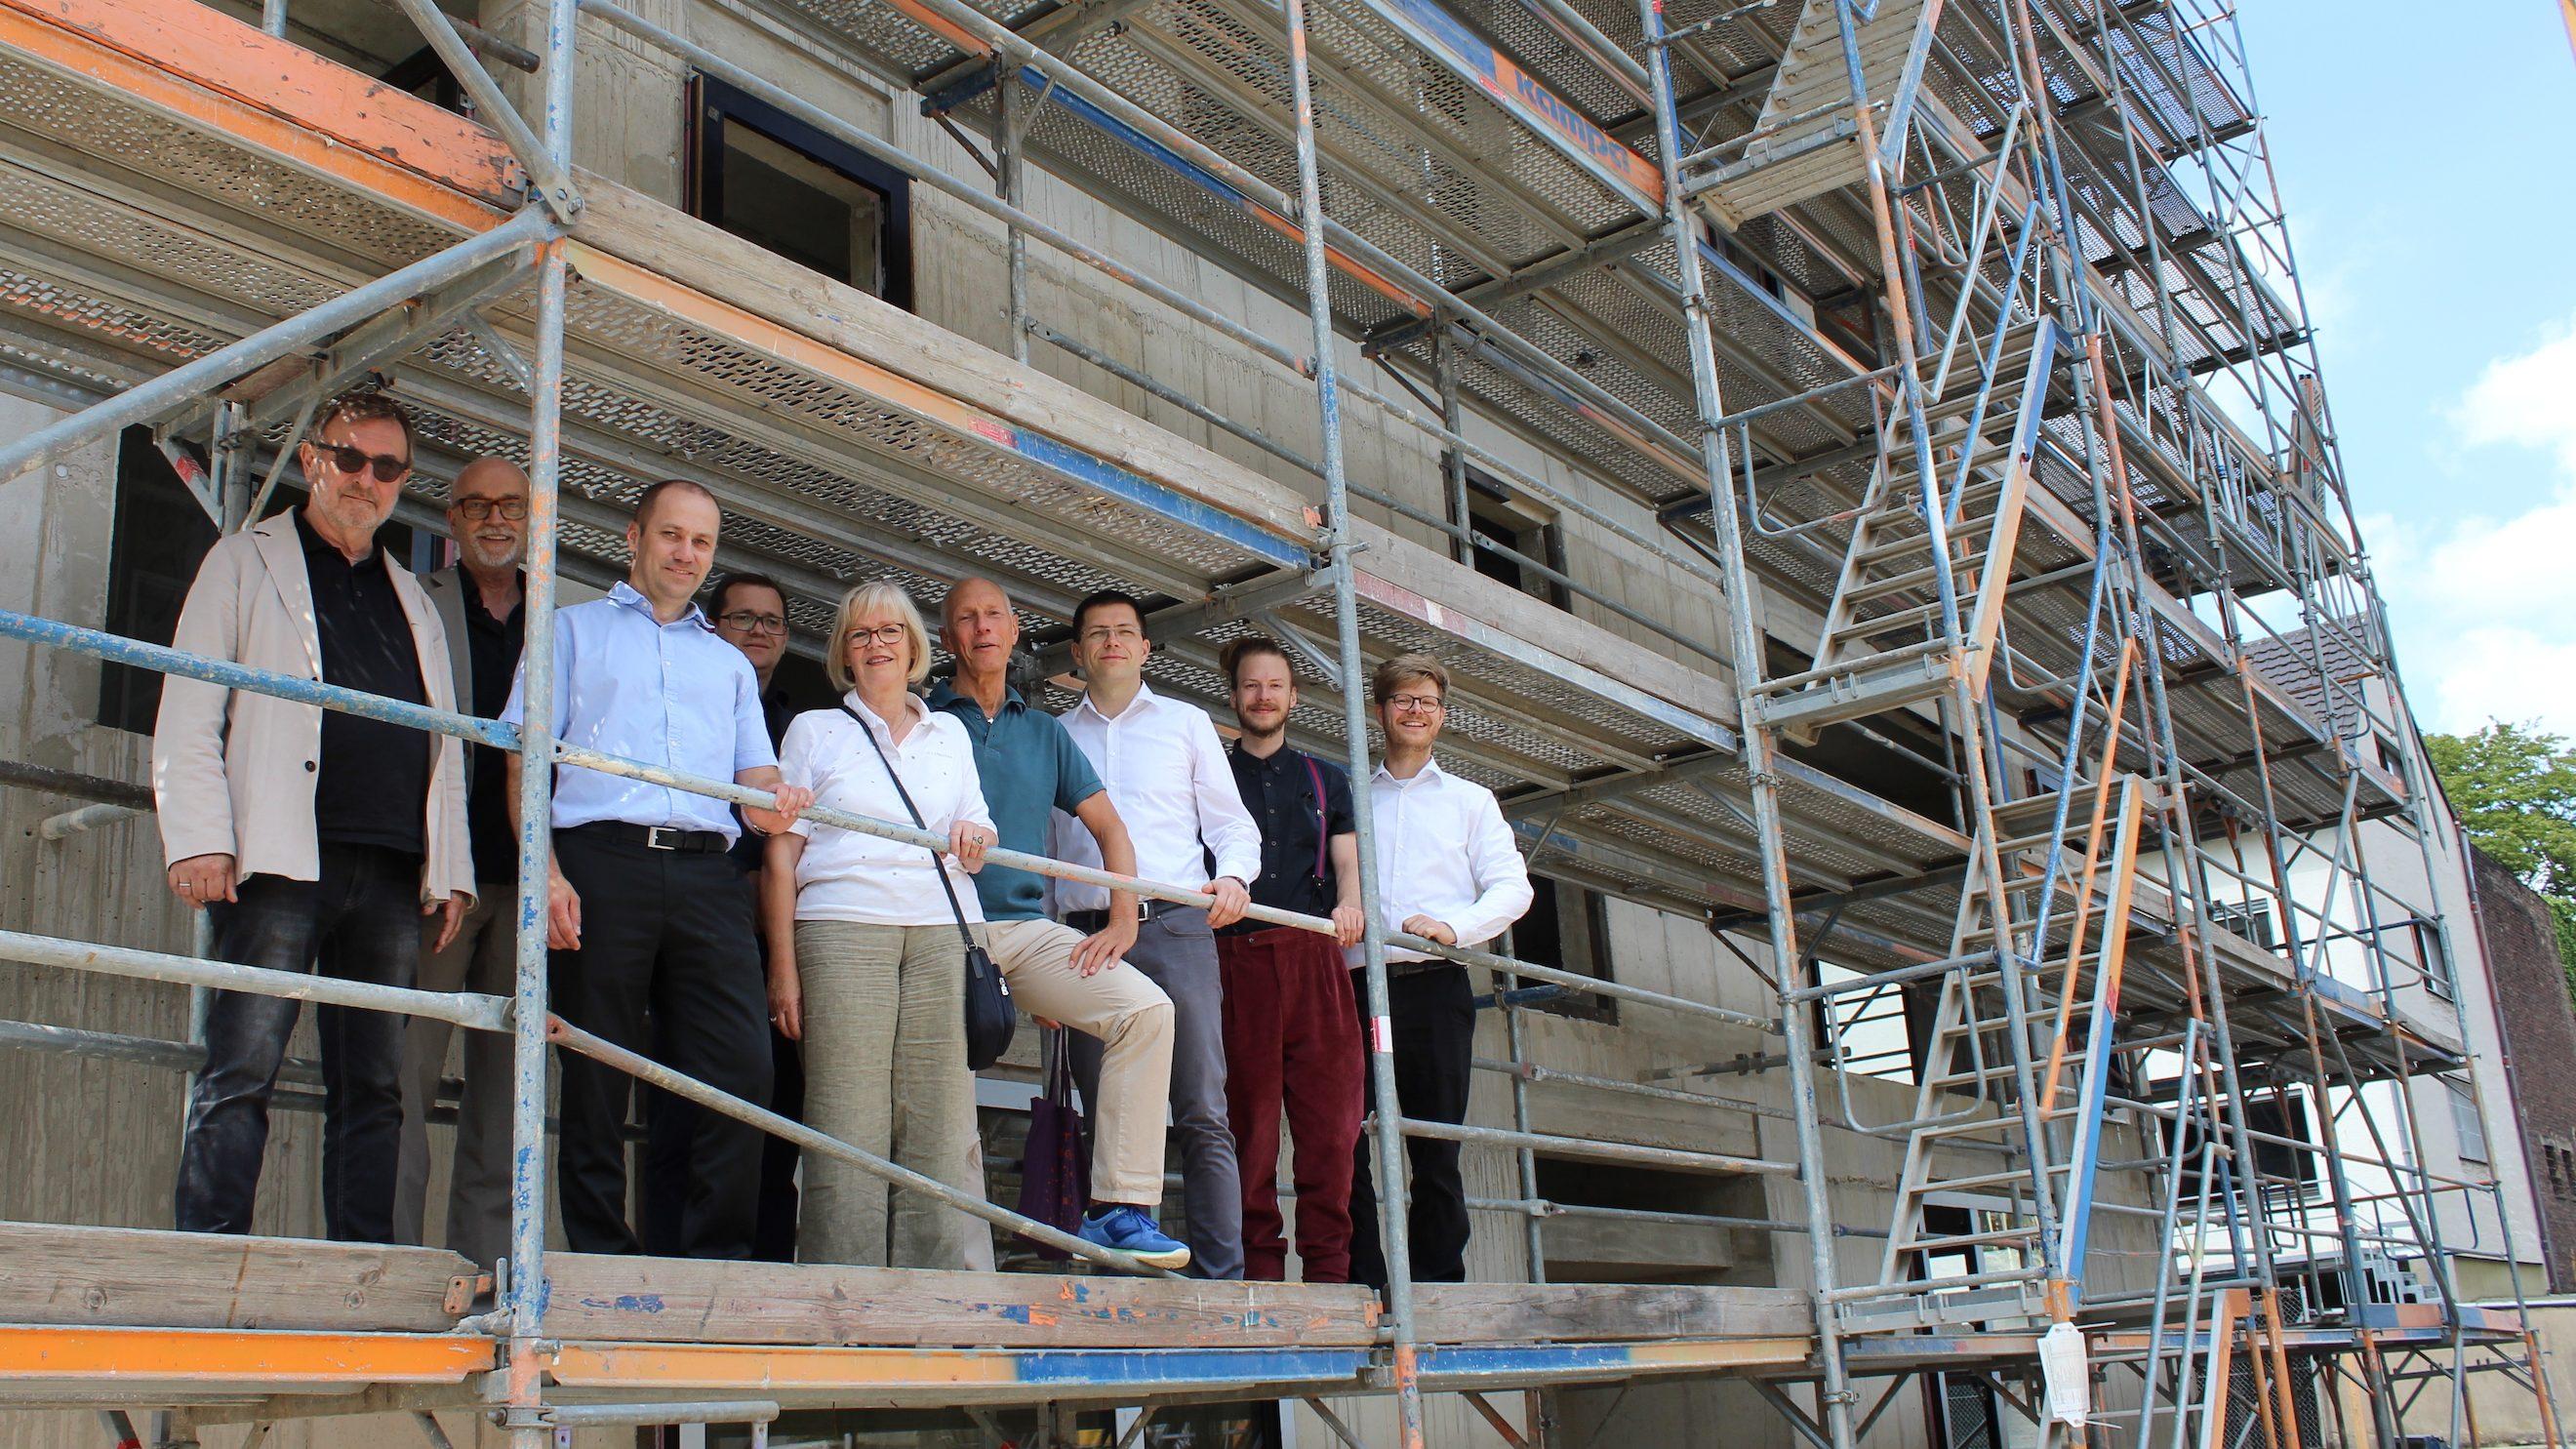 Lutherturm in Mülheim: Ein großes und zukunftsweisenden Projekt